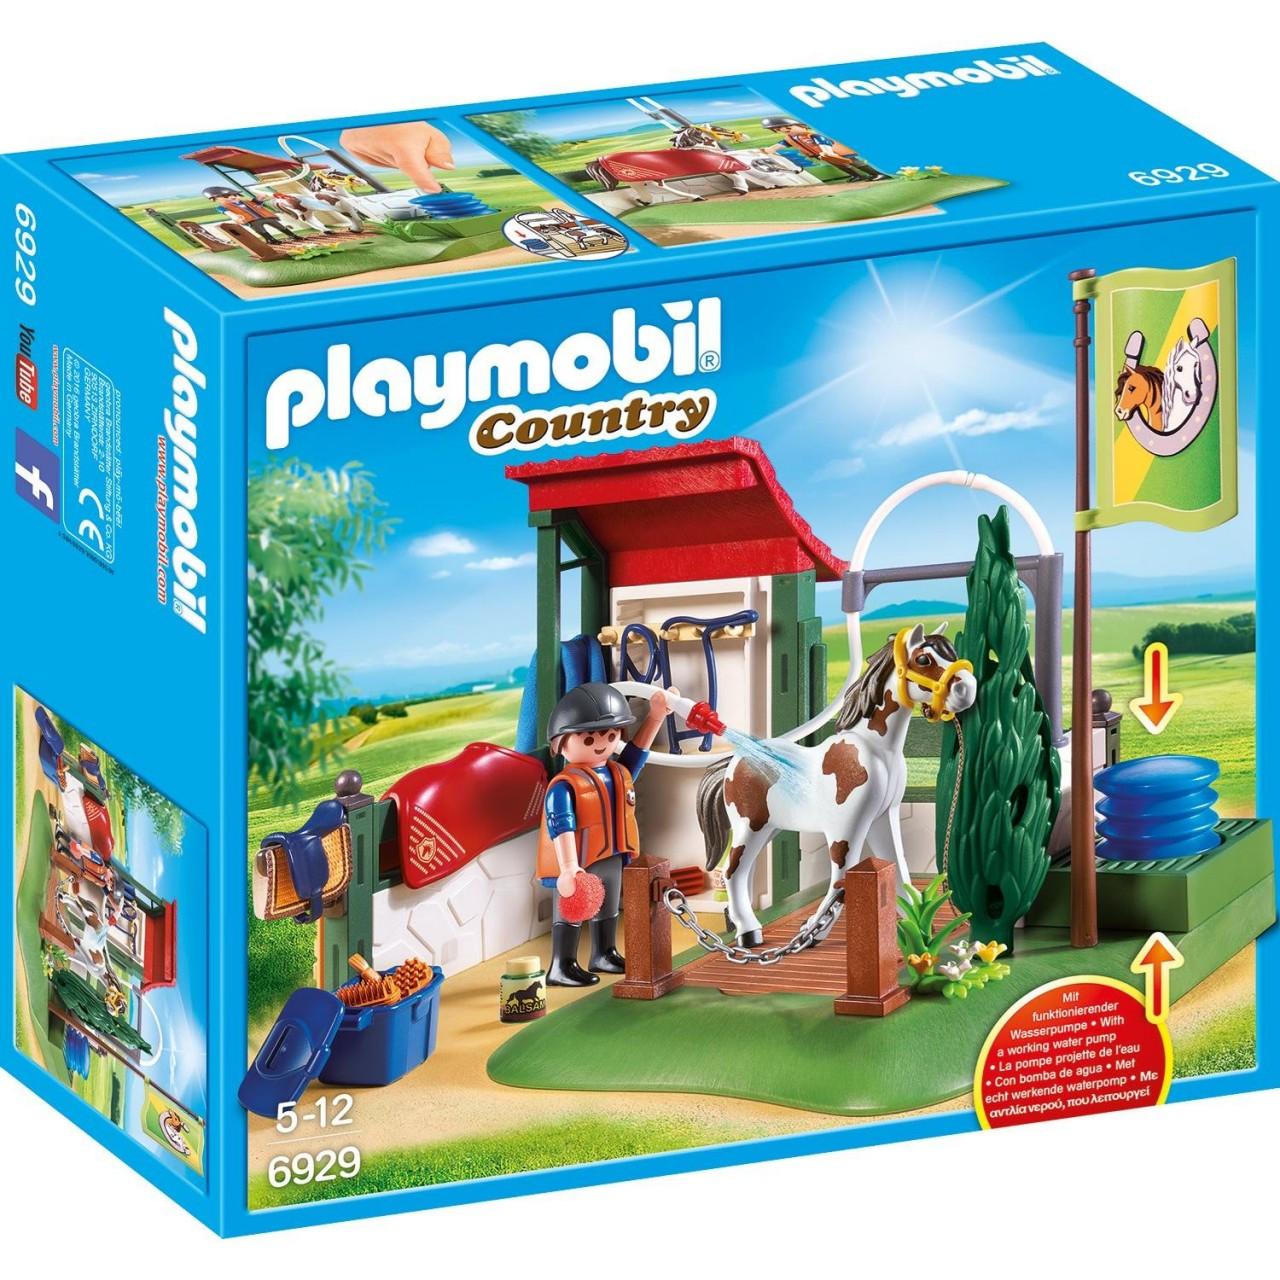 Playmobil 6929 Pferdewaschplatz